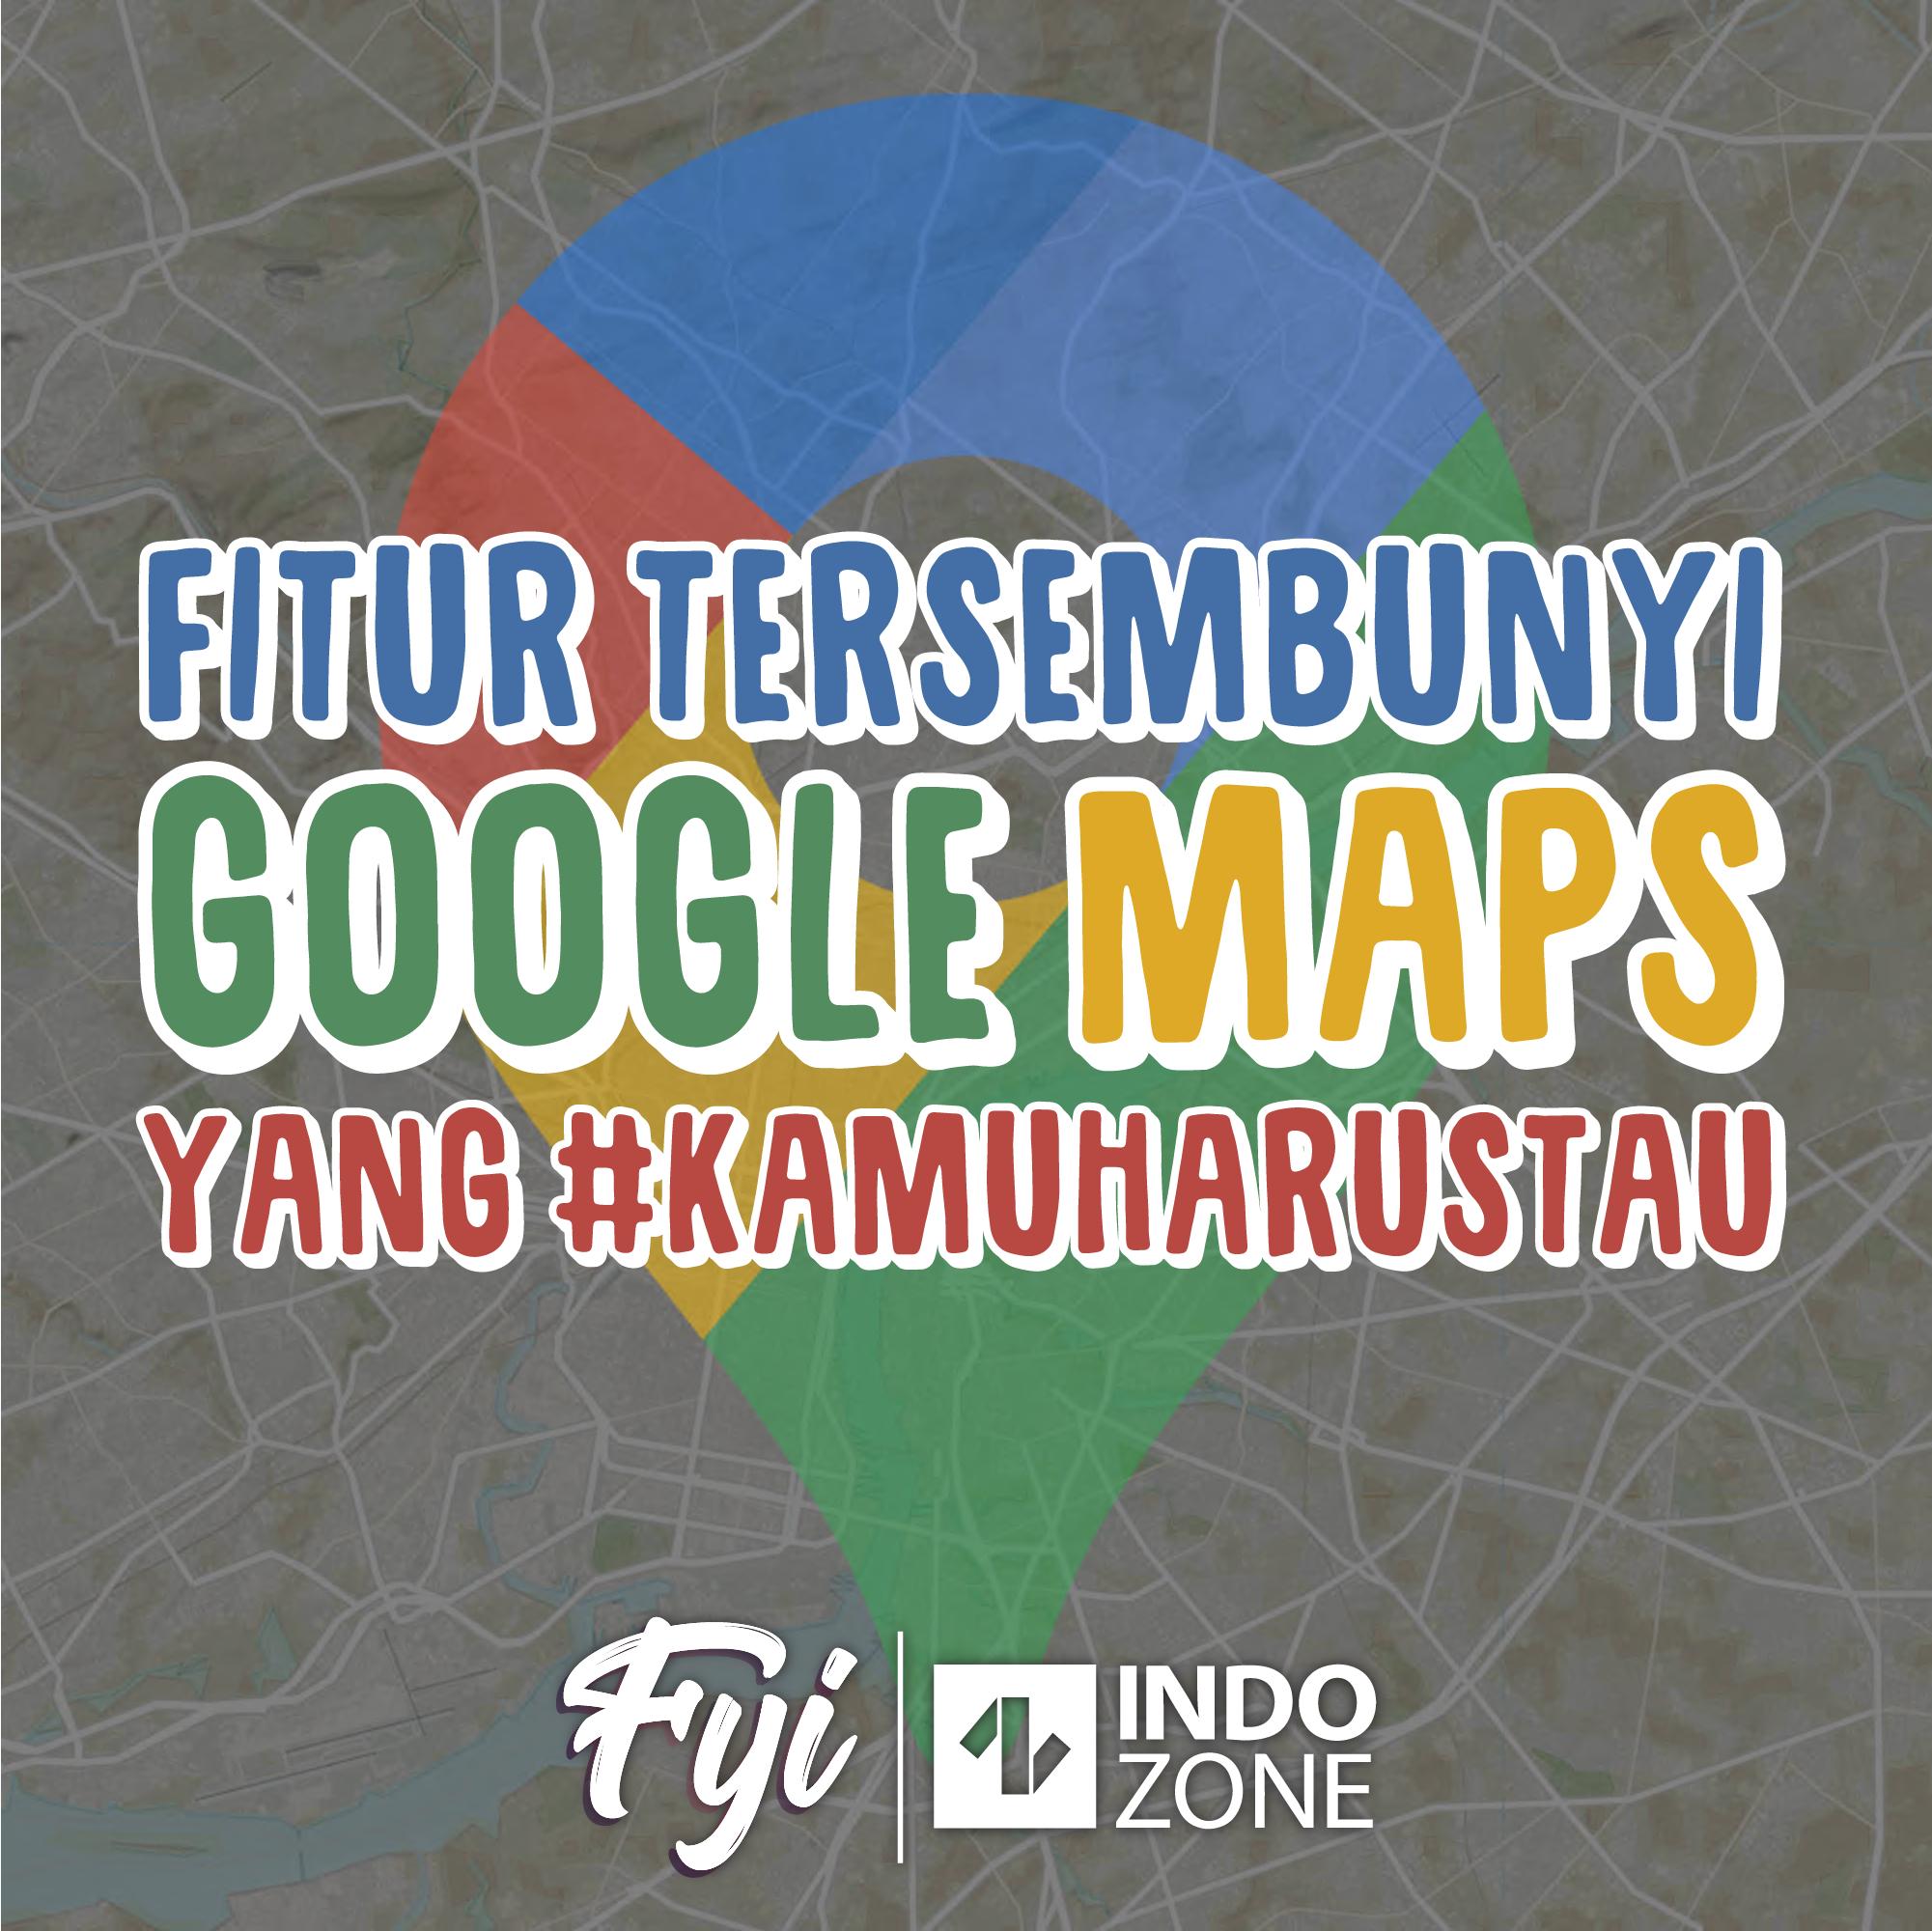 Fitur Tersembunyi Google Maps yang #KAMUHARUSTAU